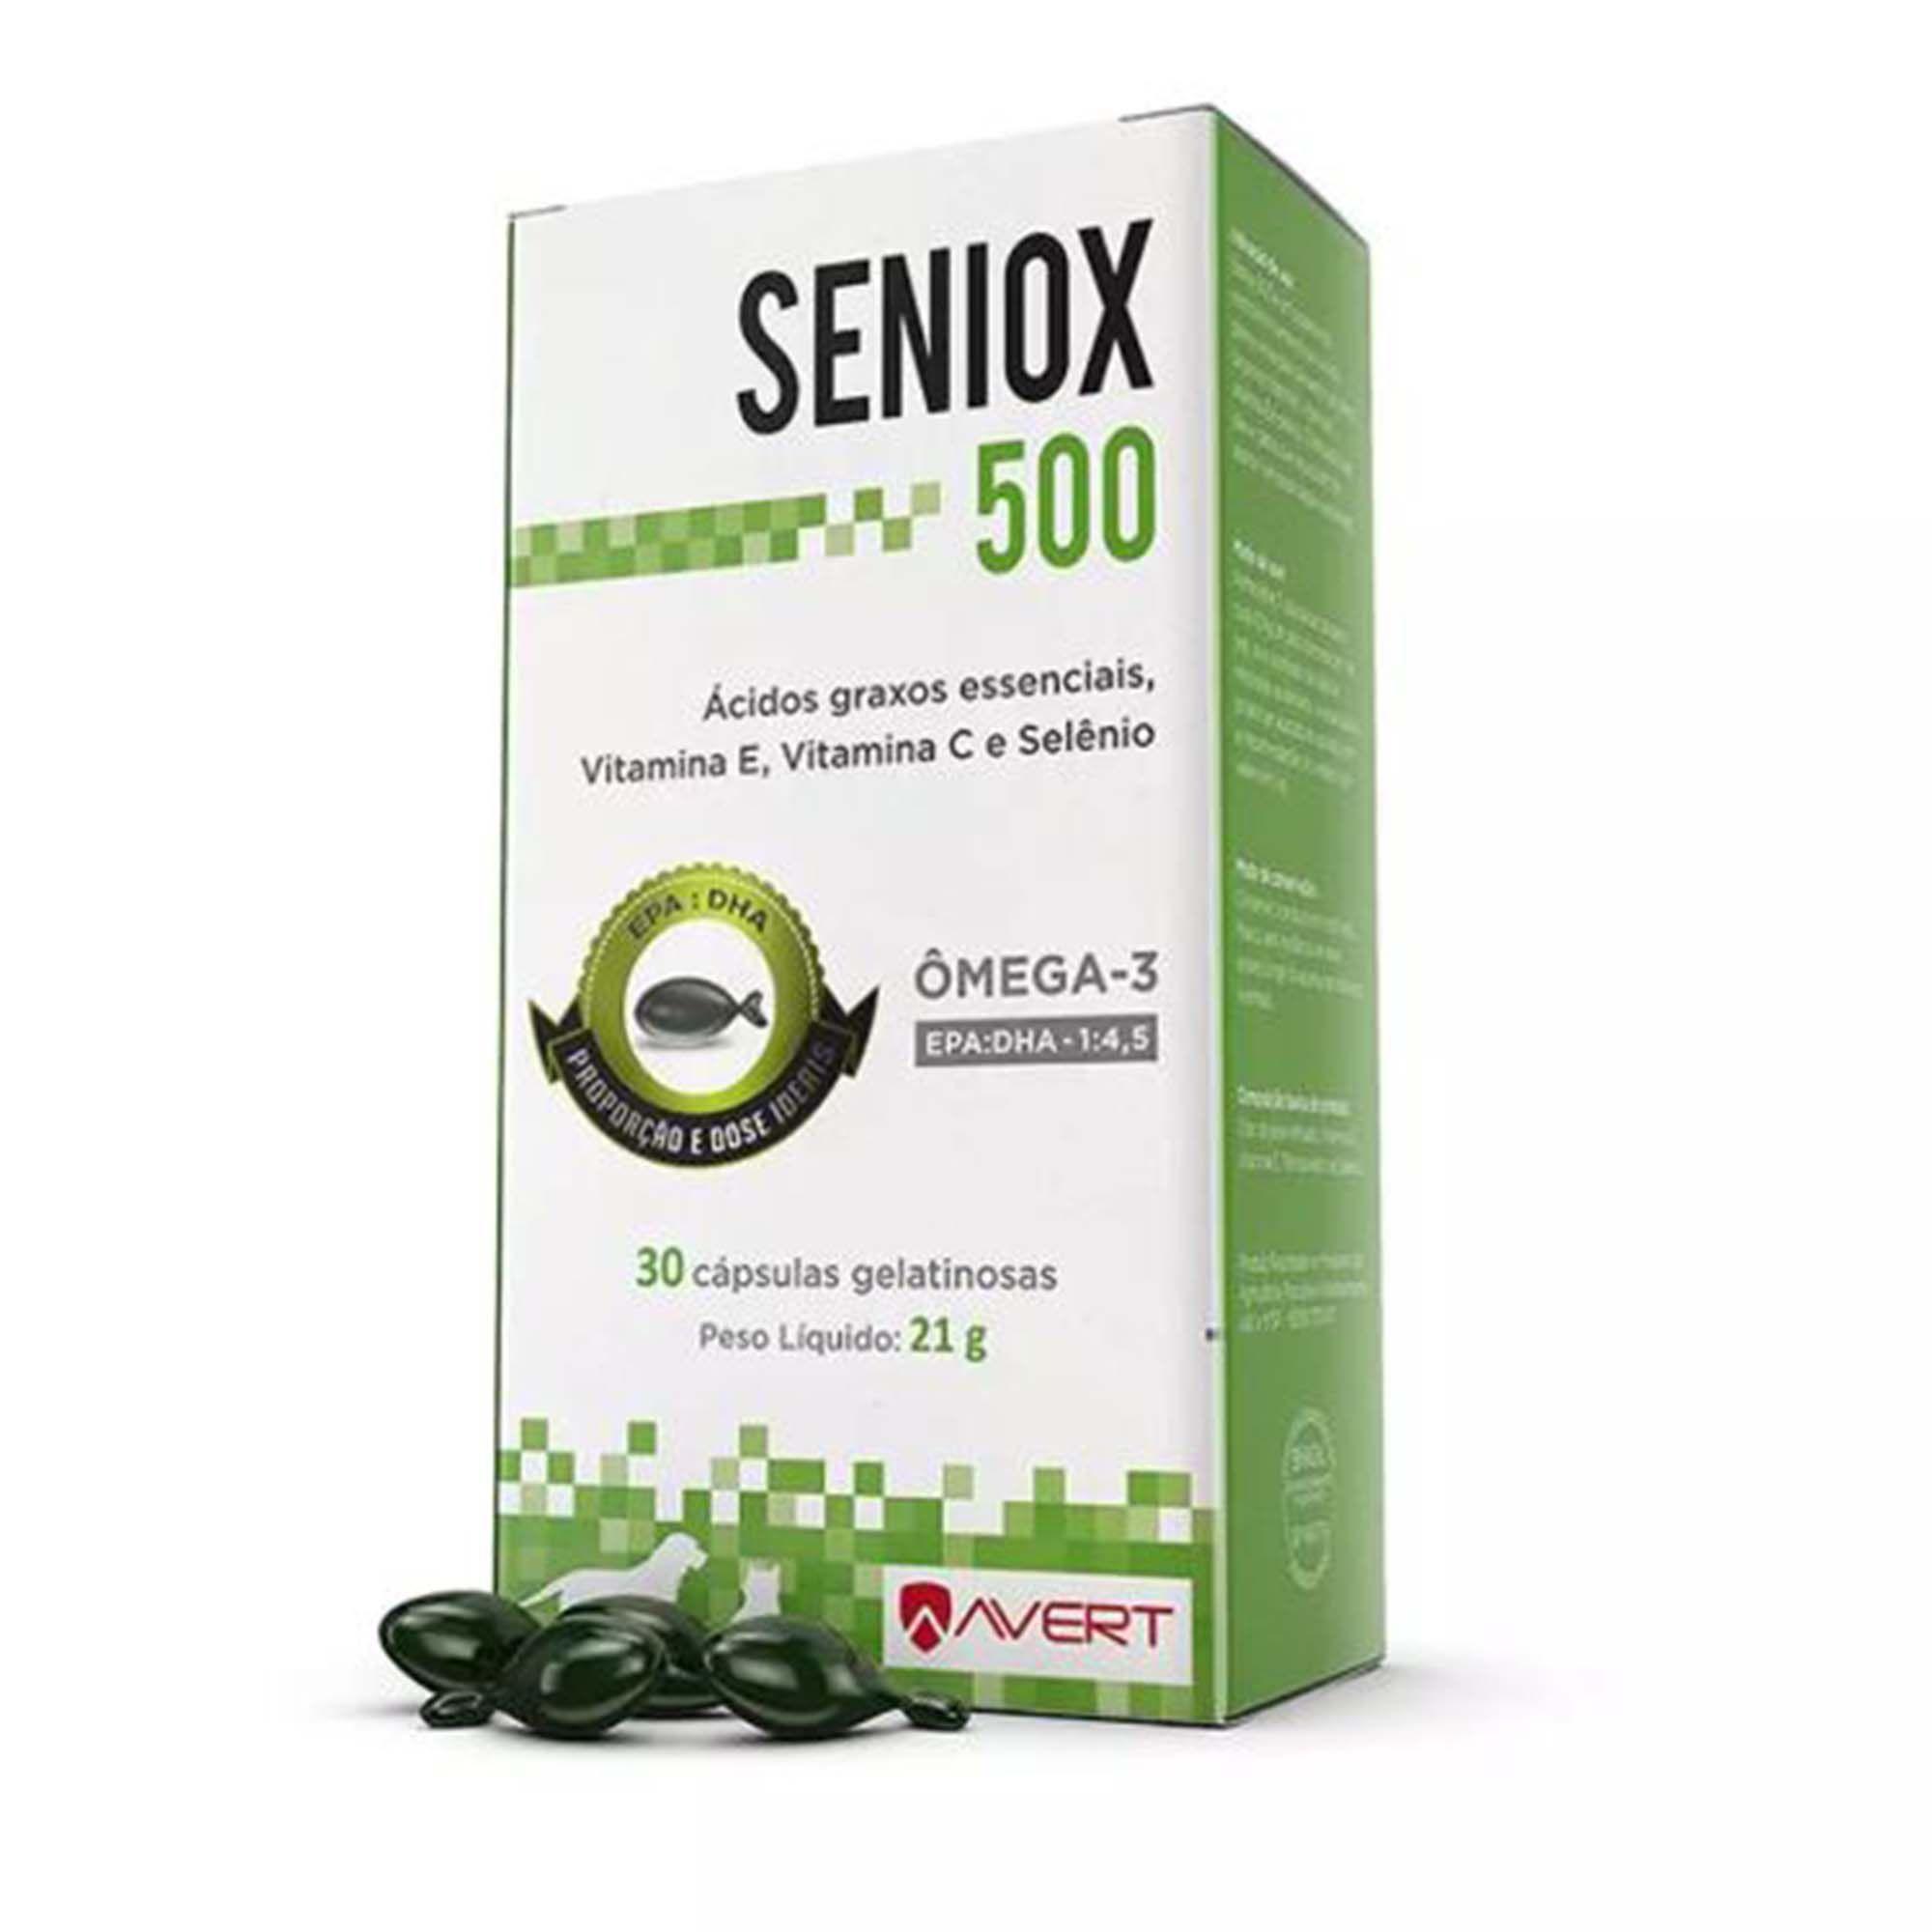 Seniox Suplemento Vitamínico Avert 500mg 30 Cápsulas